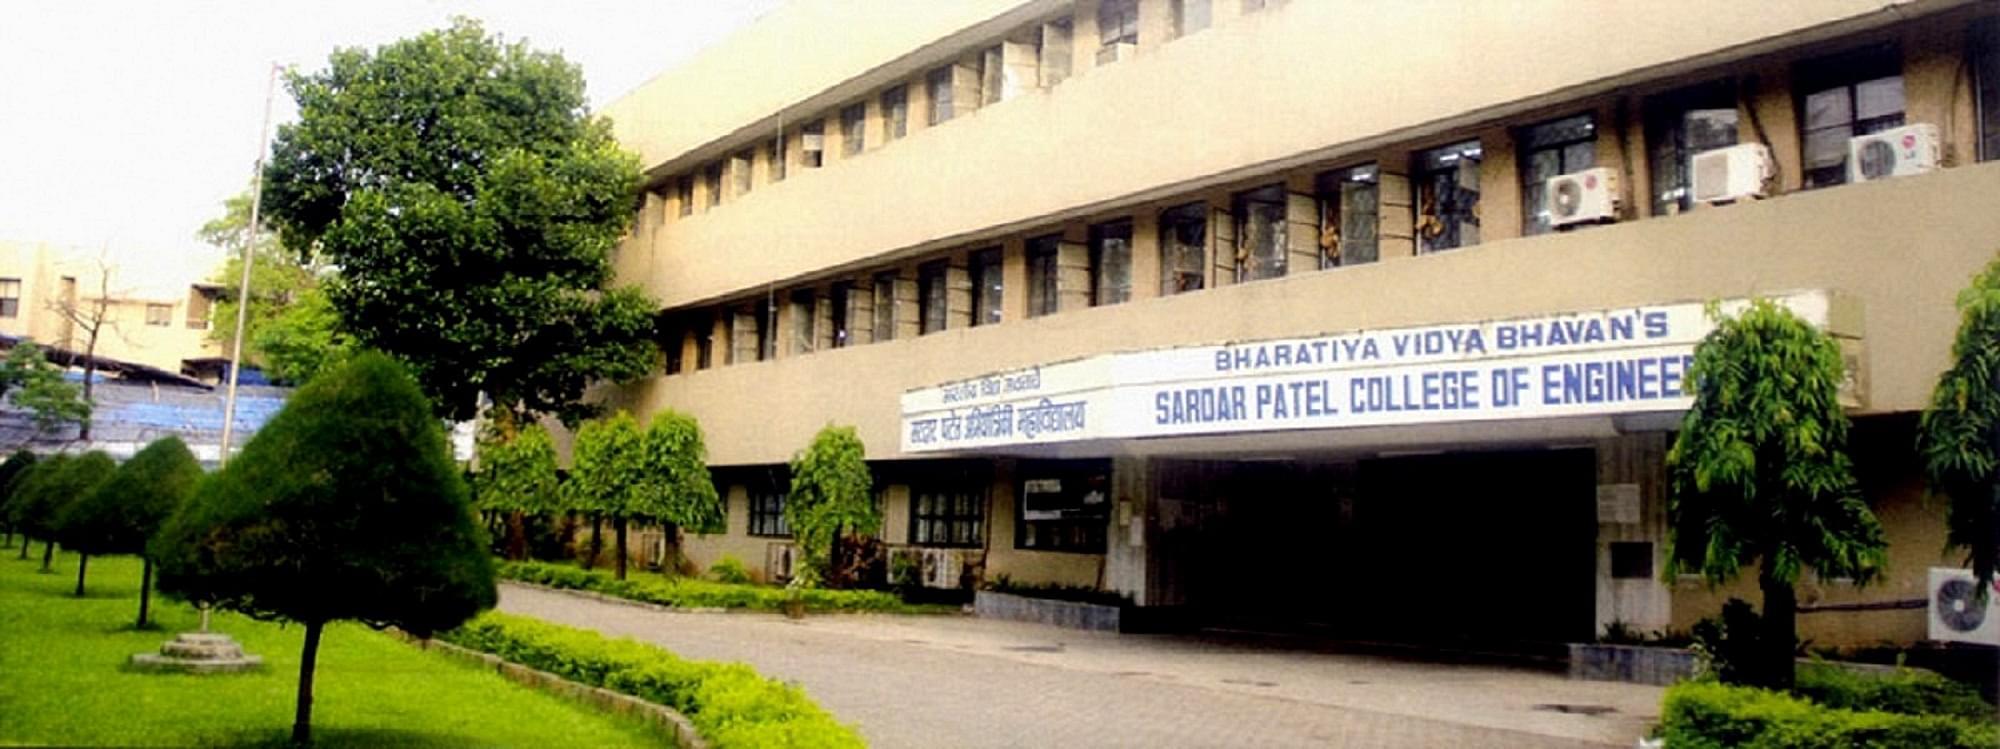 Sardar Patel College of Engineering - [SPCE]